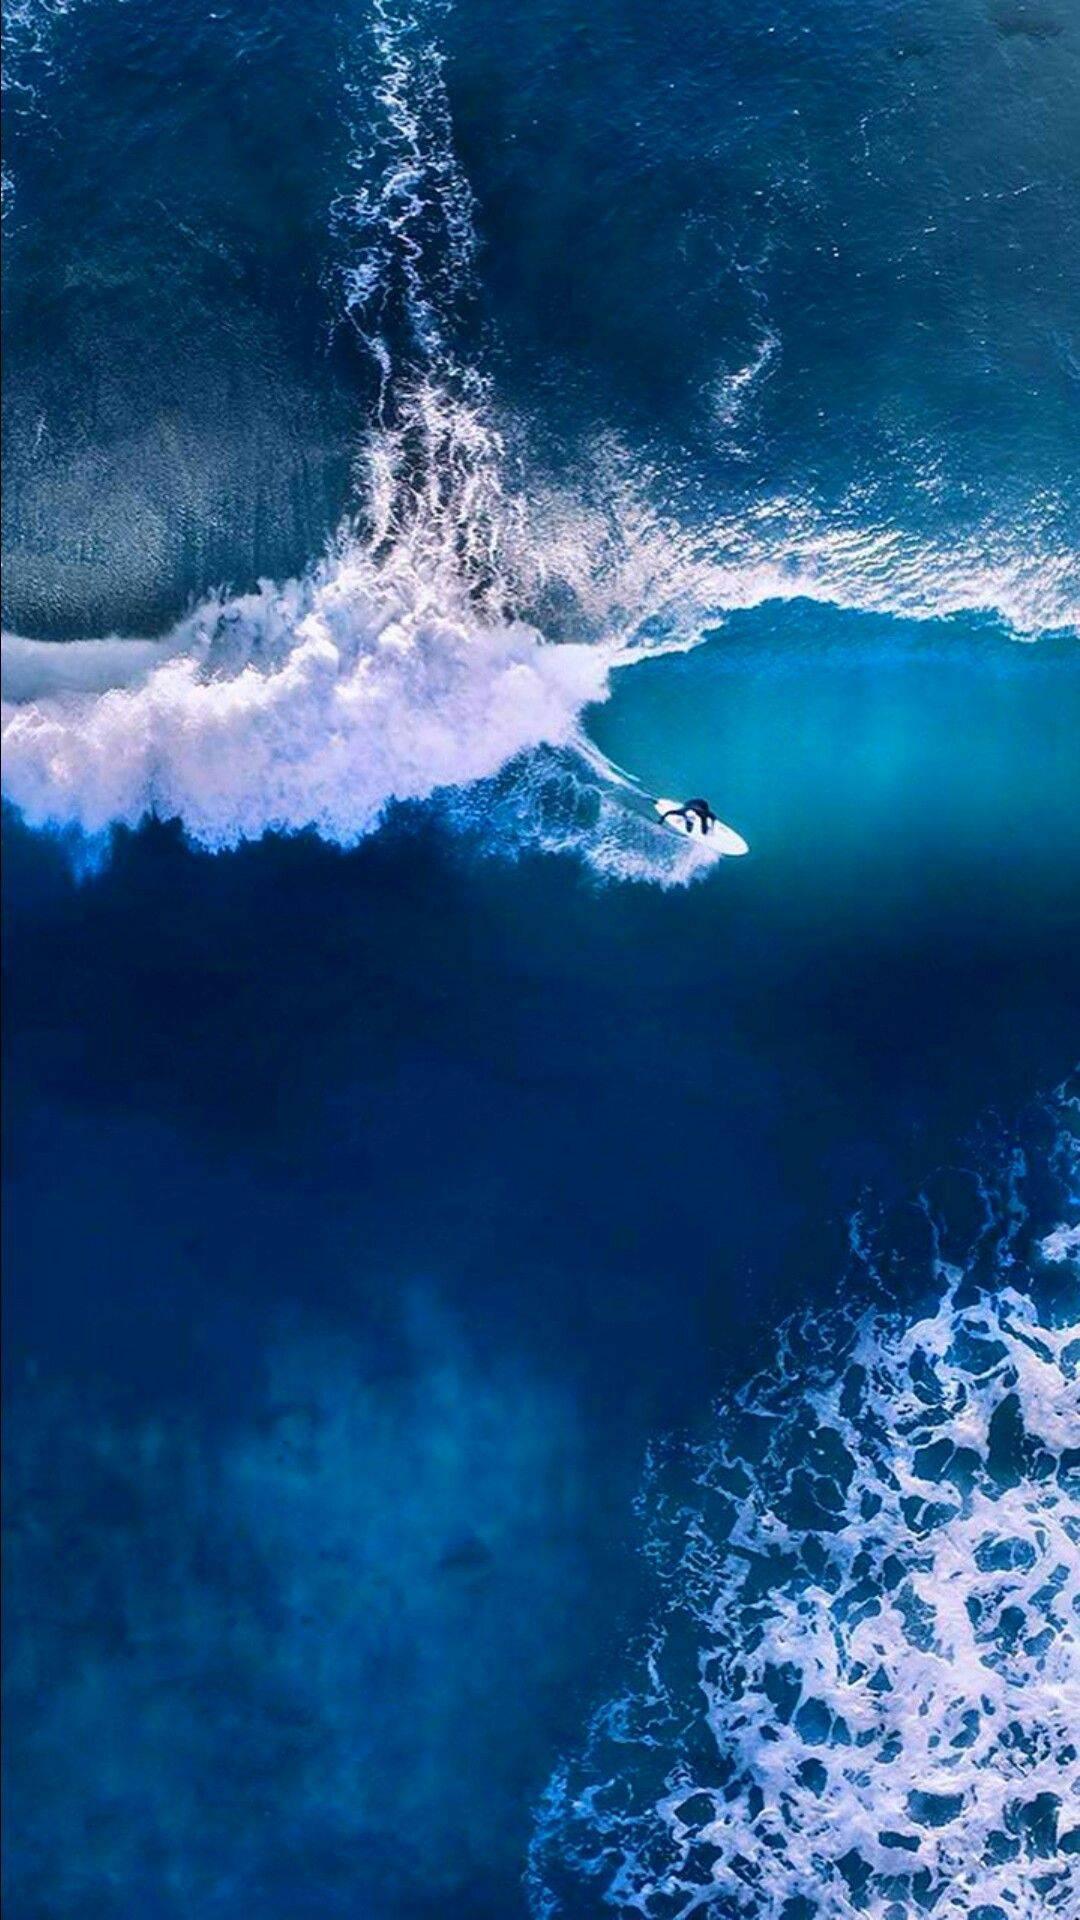 Surfing in Ocean iPhone Wallpaper